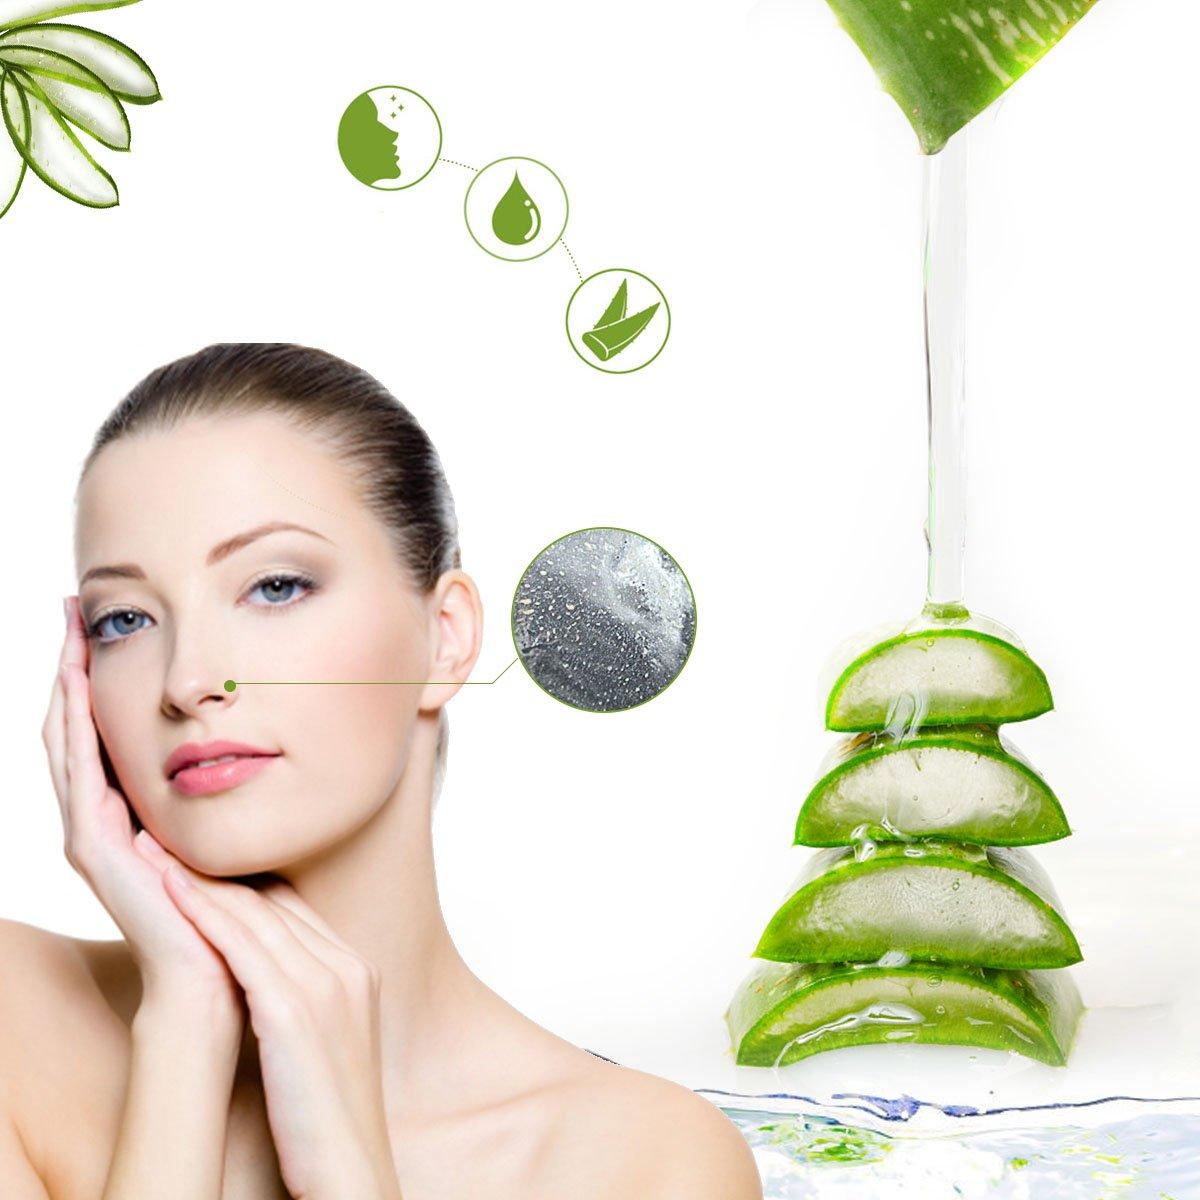 nettoyage de Peau – Comment bien nettoyer sa peau